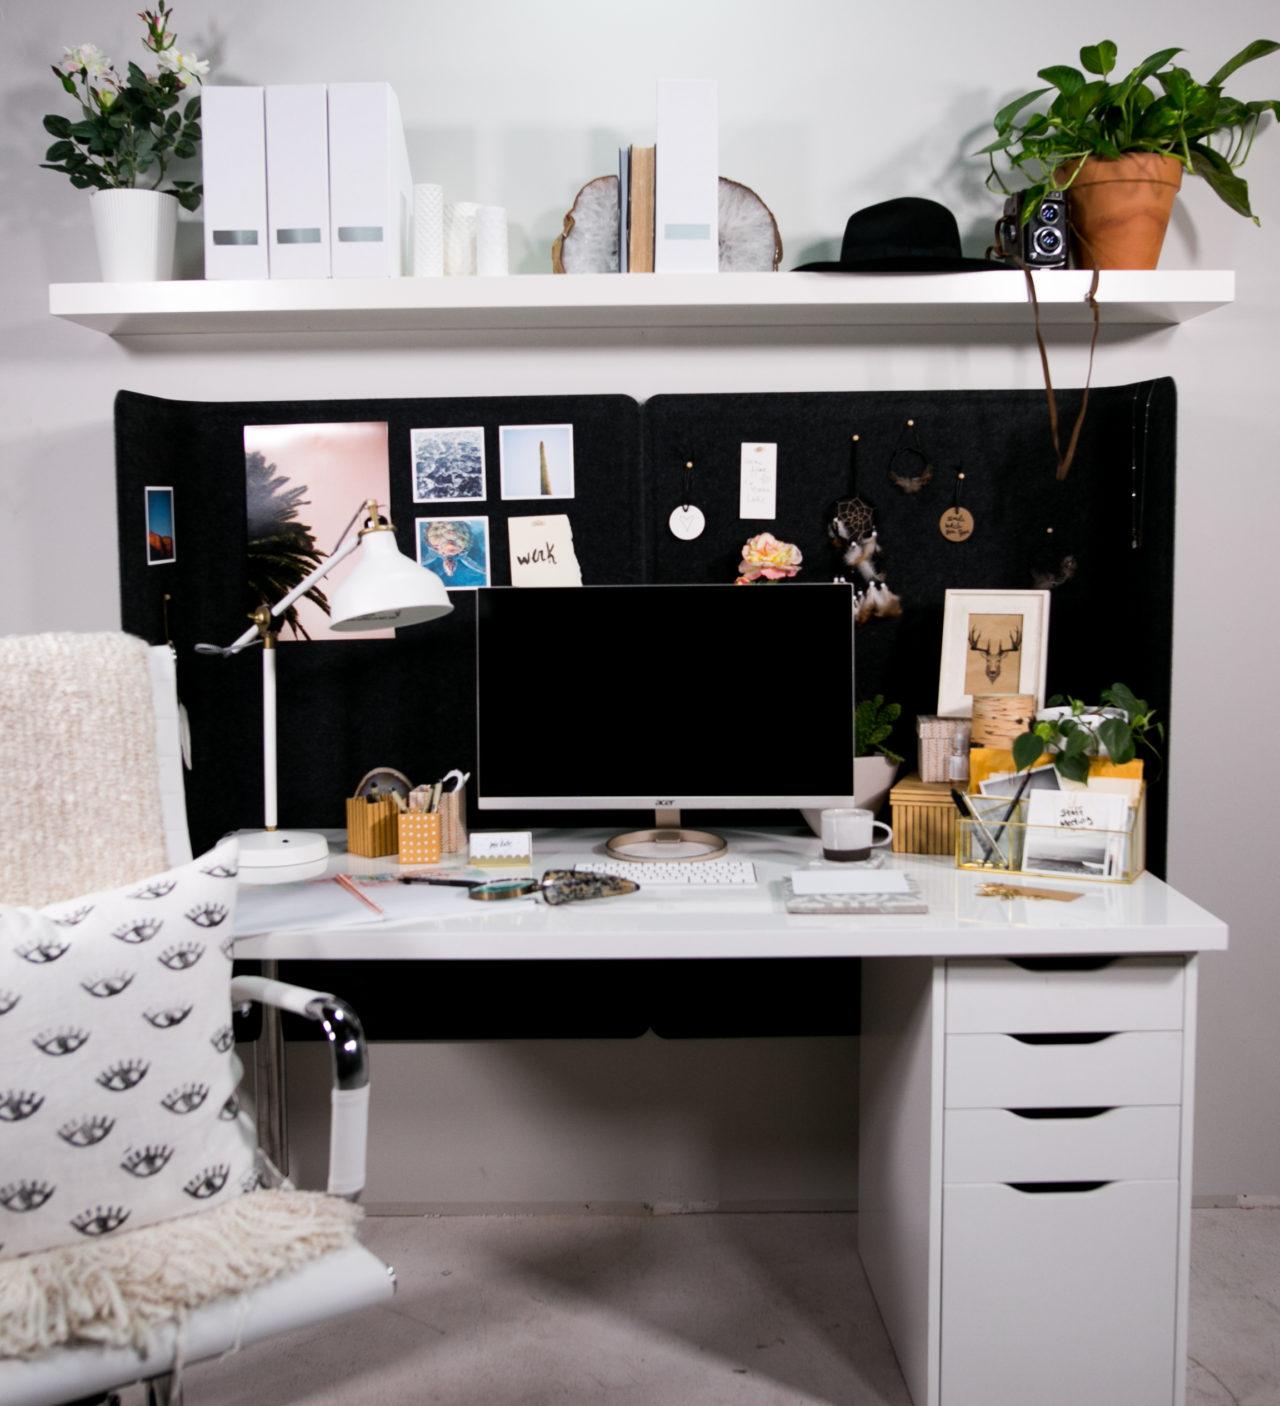 mrkate_cubicle_3ways_blog-140